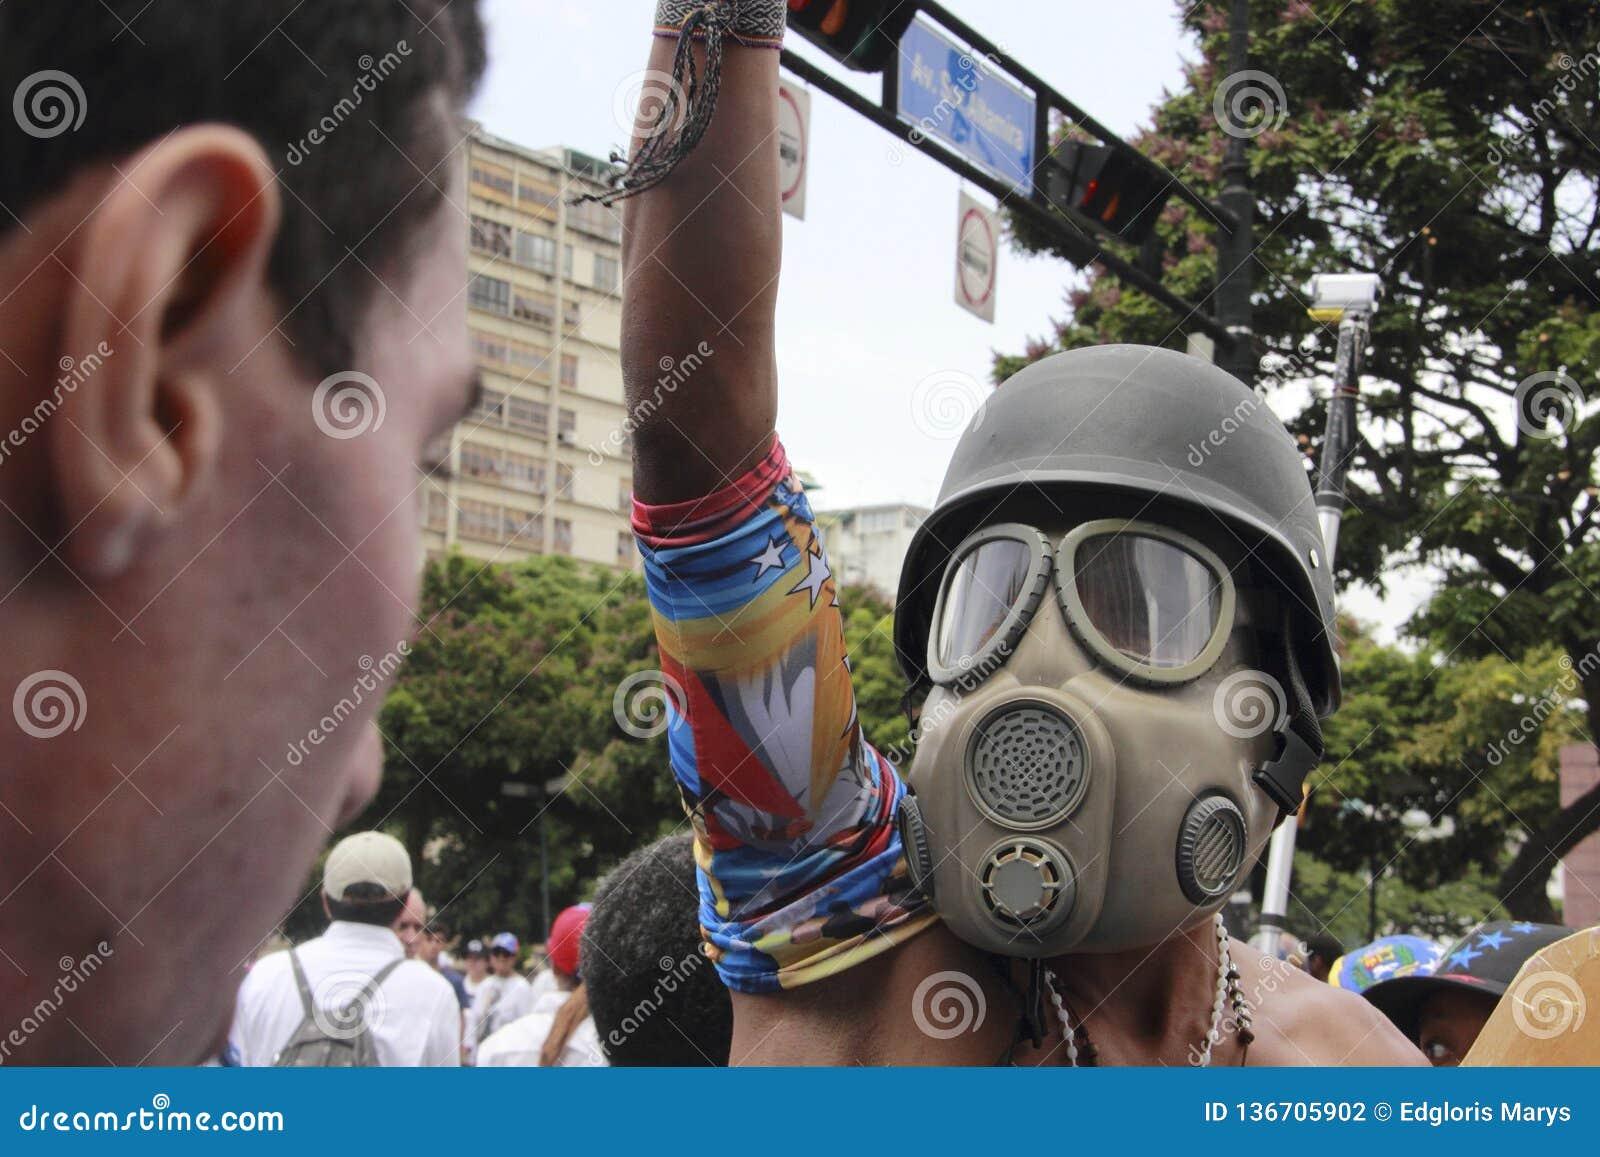 Anti vestir dos protestadores de Nicolas Maduro lança gás lacrimôgeneo a máscara durante as manifestações em massa que transforma